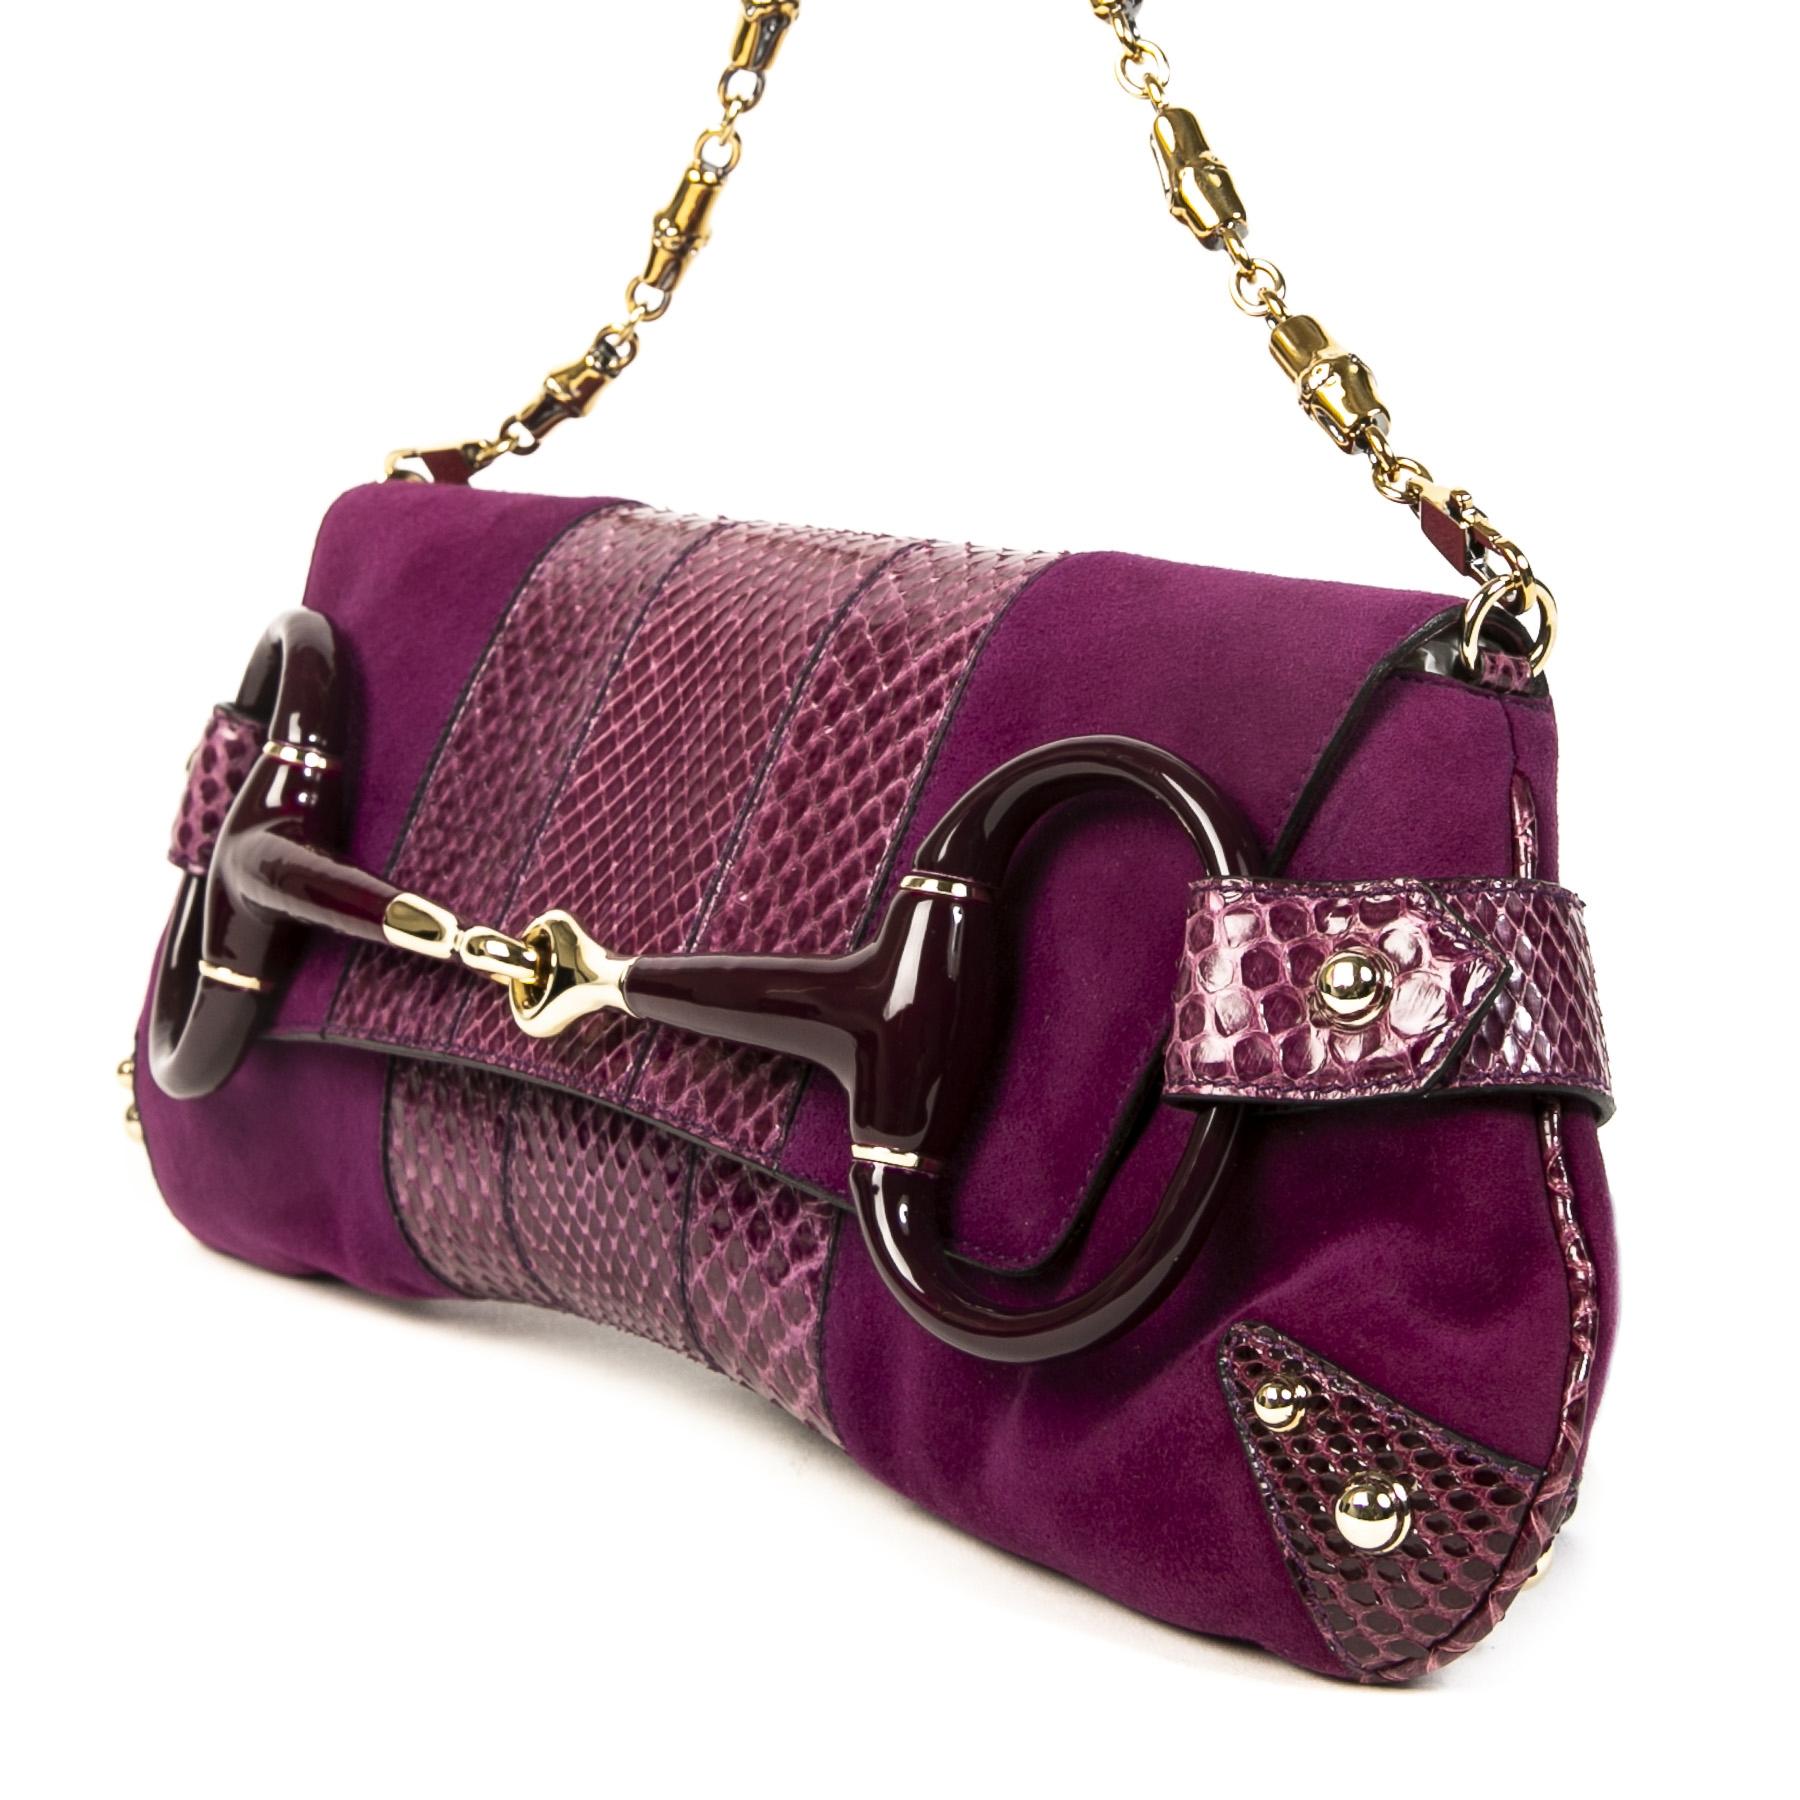 Authentieke tweedehands vintage Gucci Purple Python Horsebit Clutch koop online webshop LabelLOV